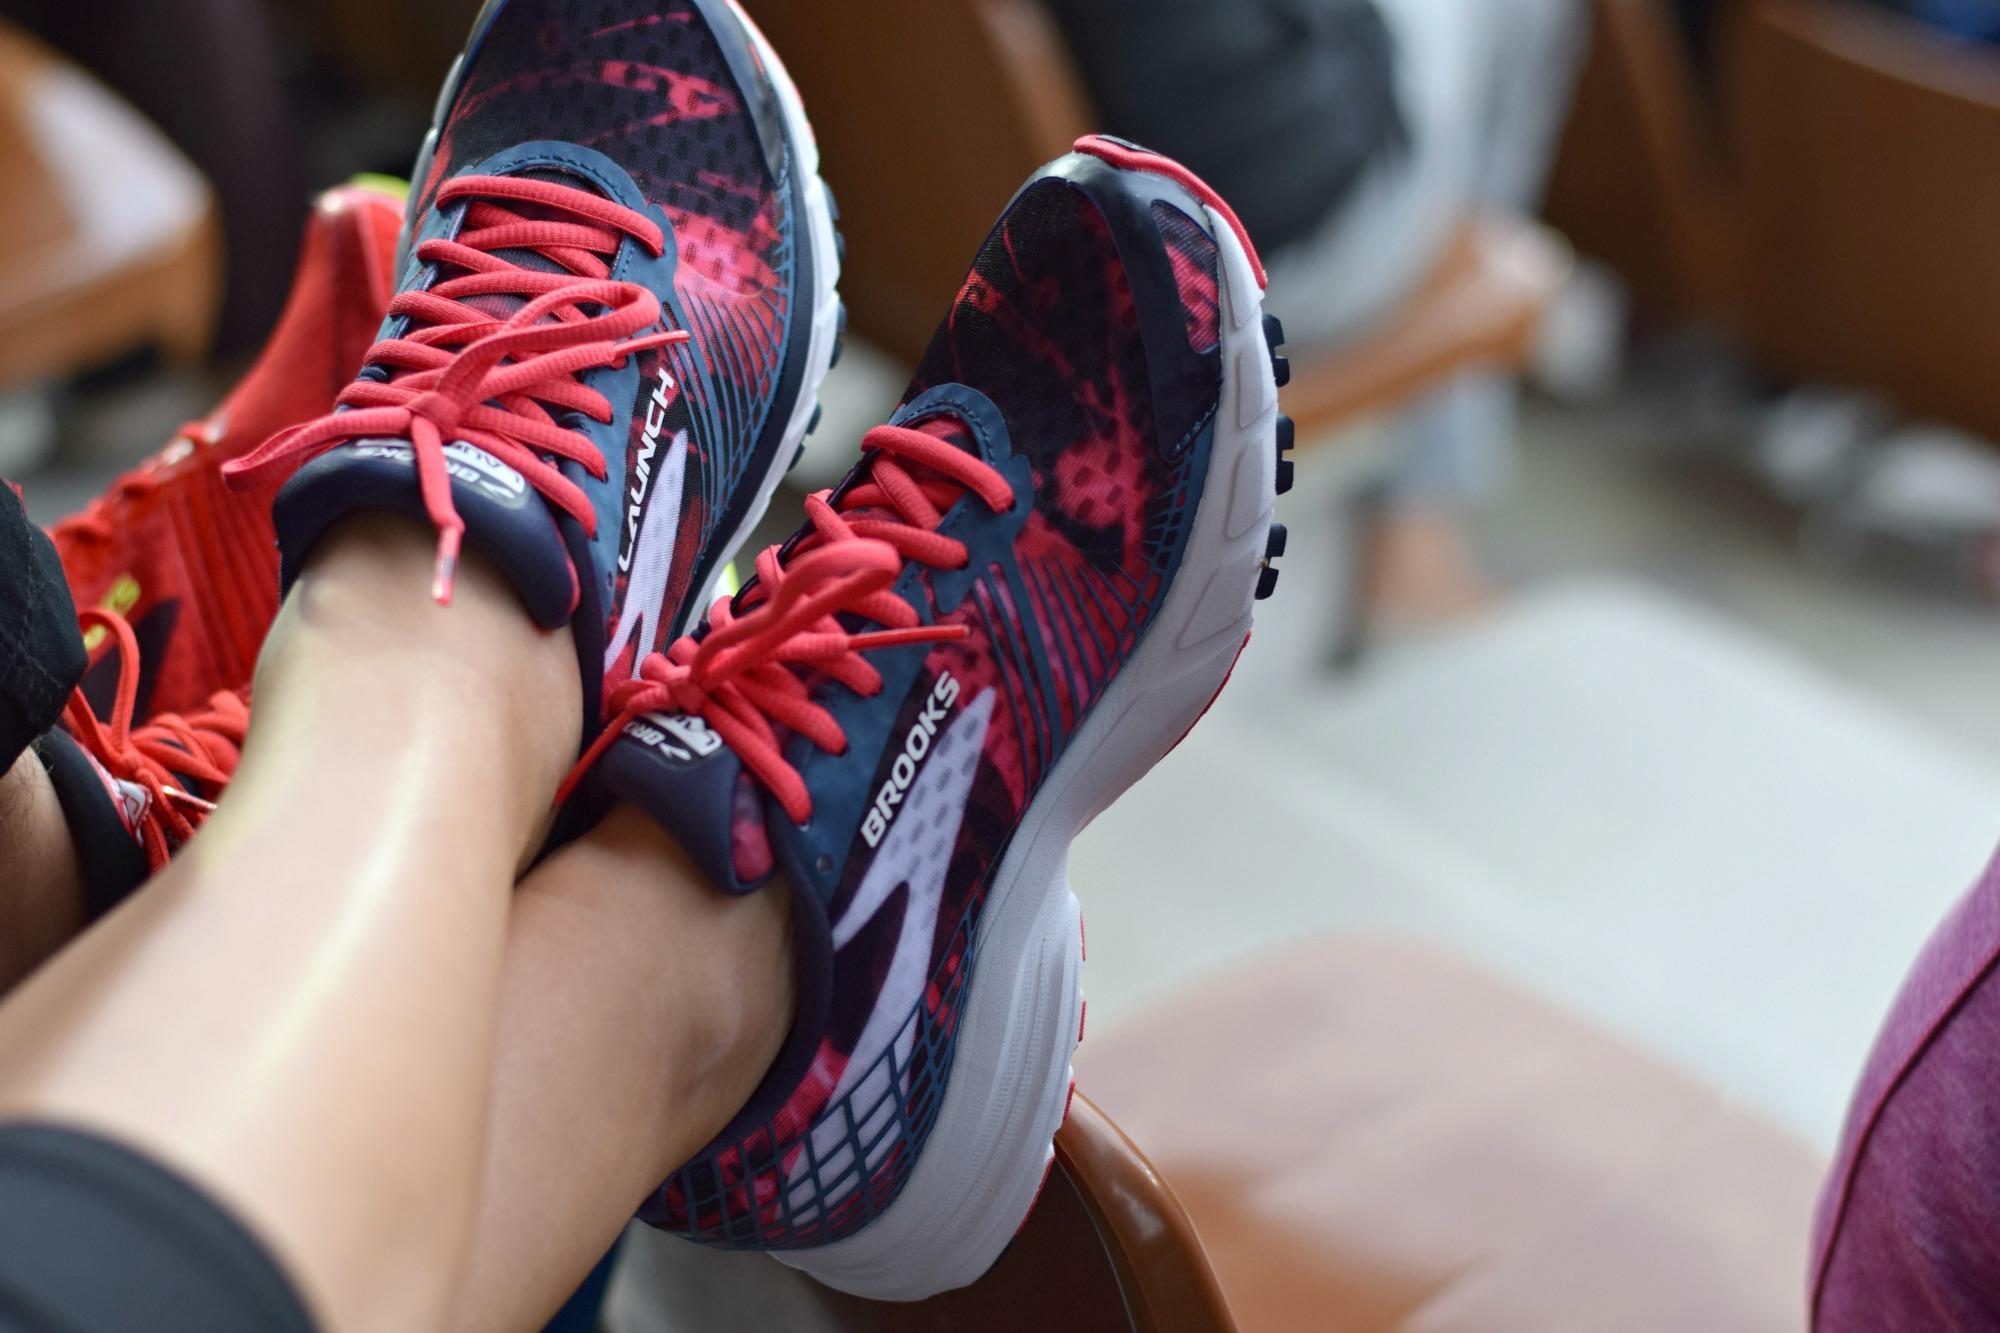 Klara-fuchs-brooks-running-österreich-graz-deutschland-leichtathletik-fitnessblog-fitness-blog-sport-gesundheit-fit-blogger-9